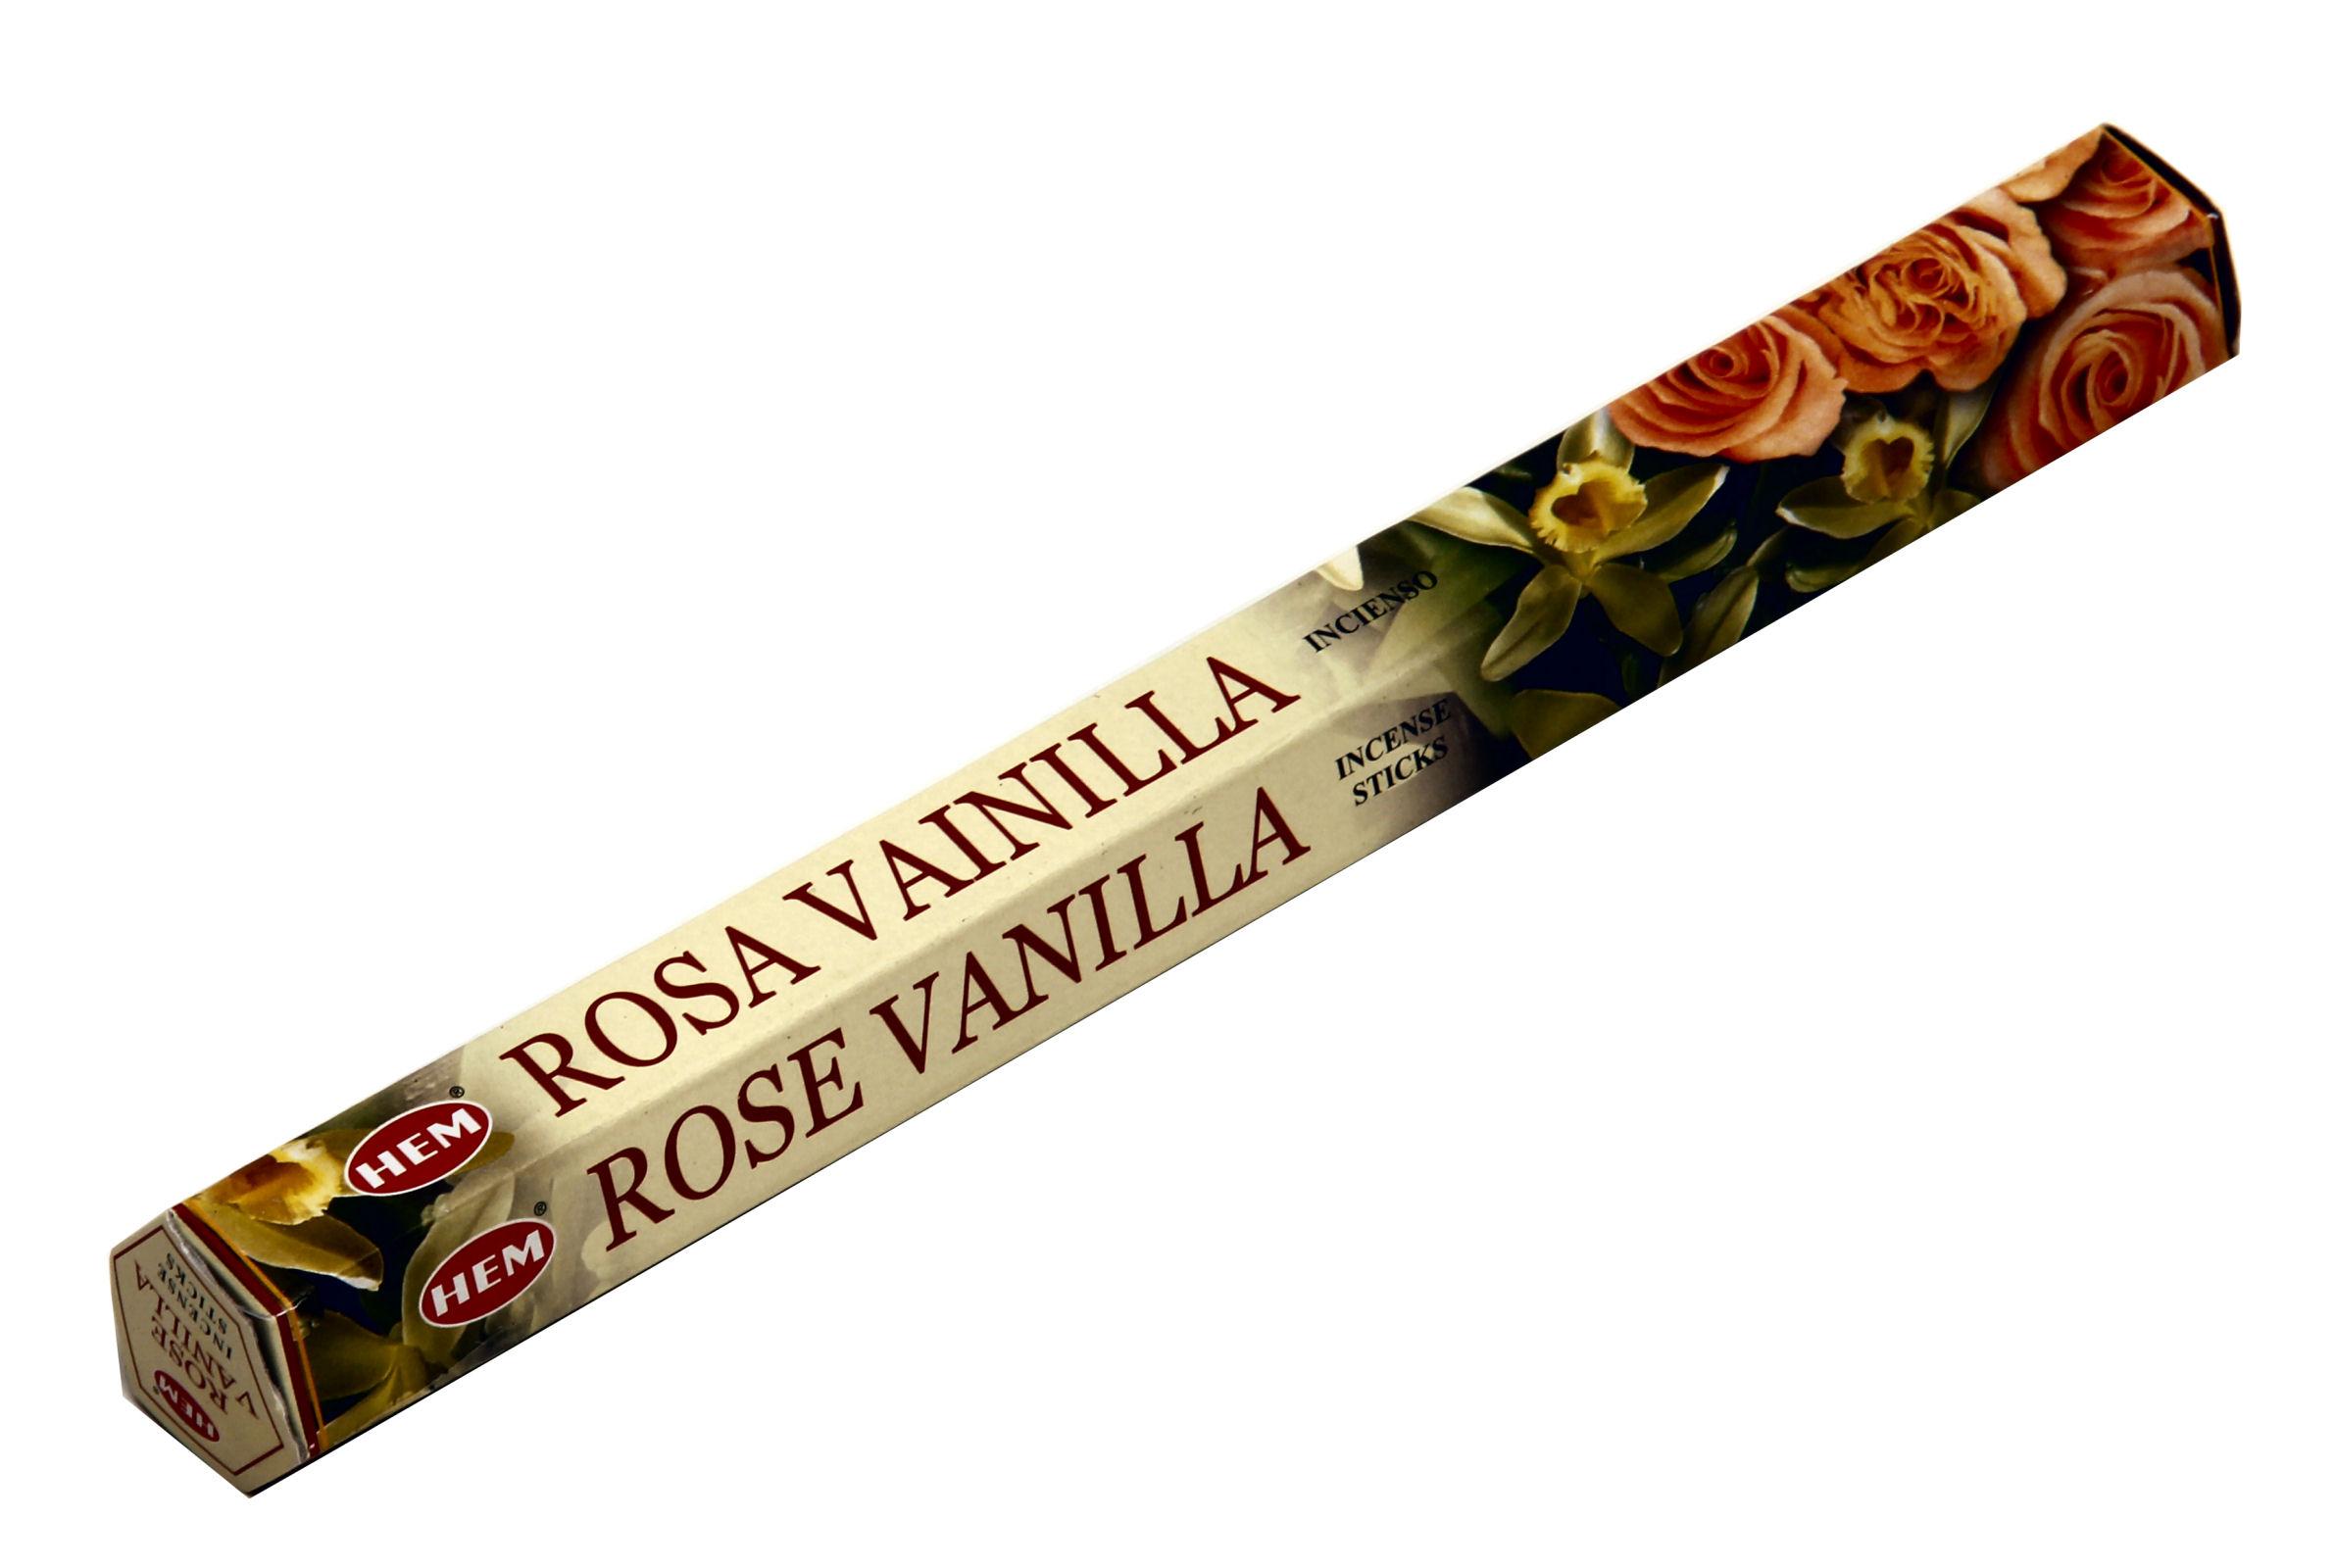 HEM Räucherstäbchen Sparset. 6 Packungen ca. 120 Sticks Rose Vanilla